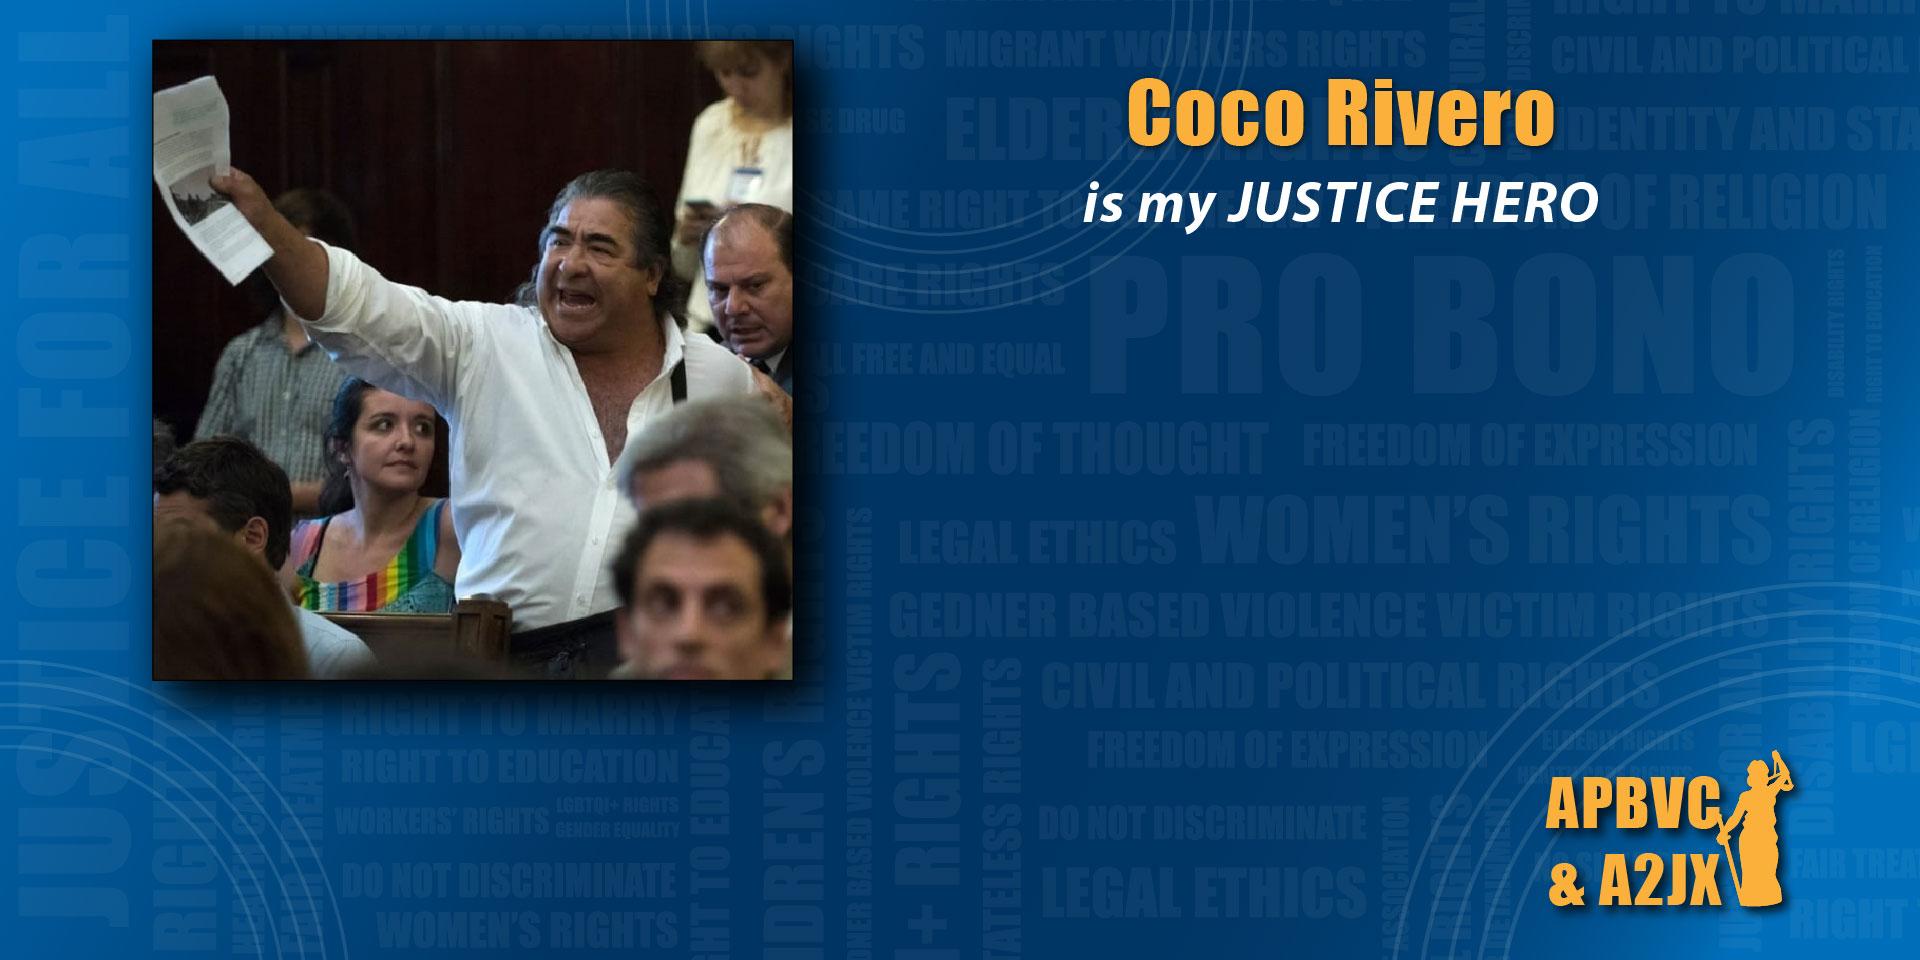 Coco Rivero